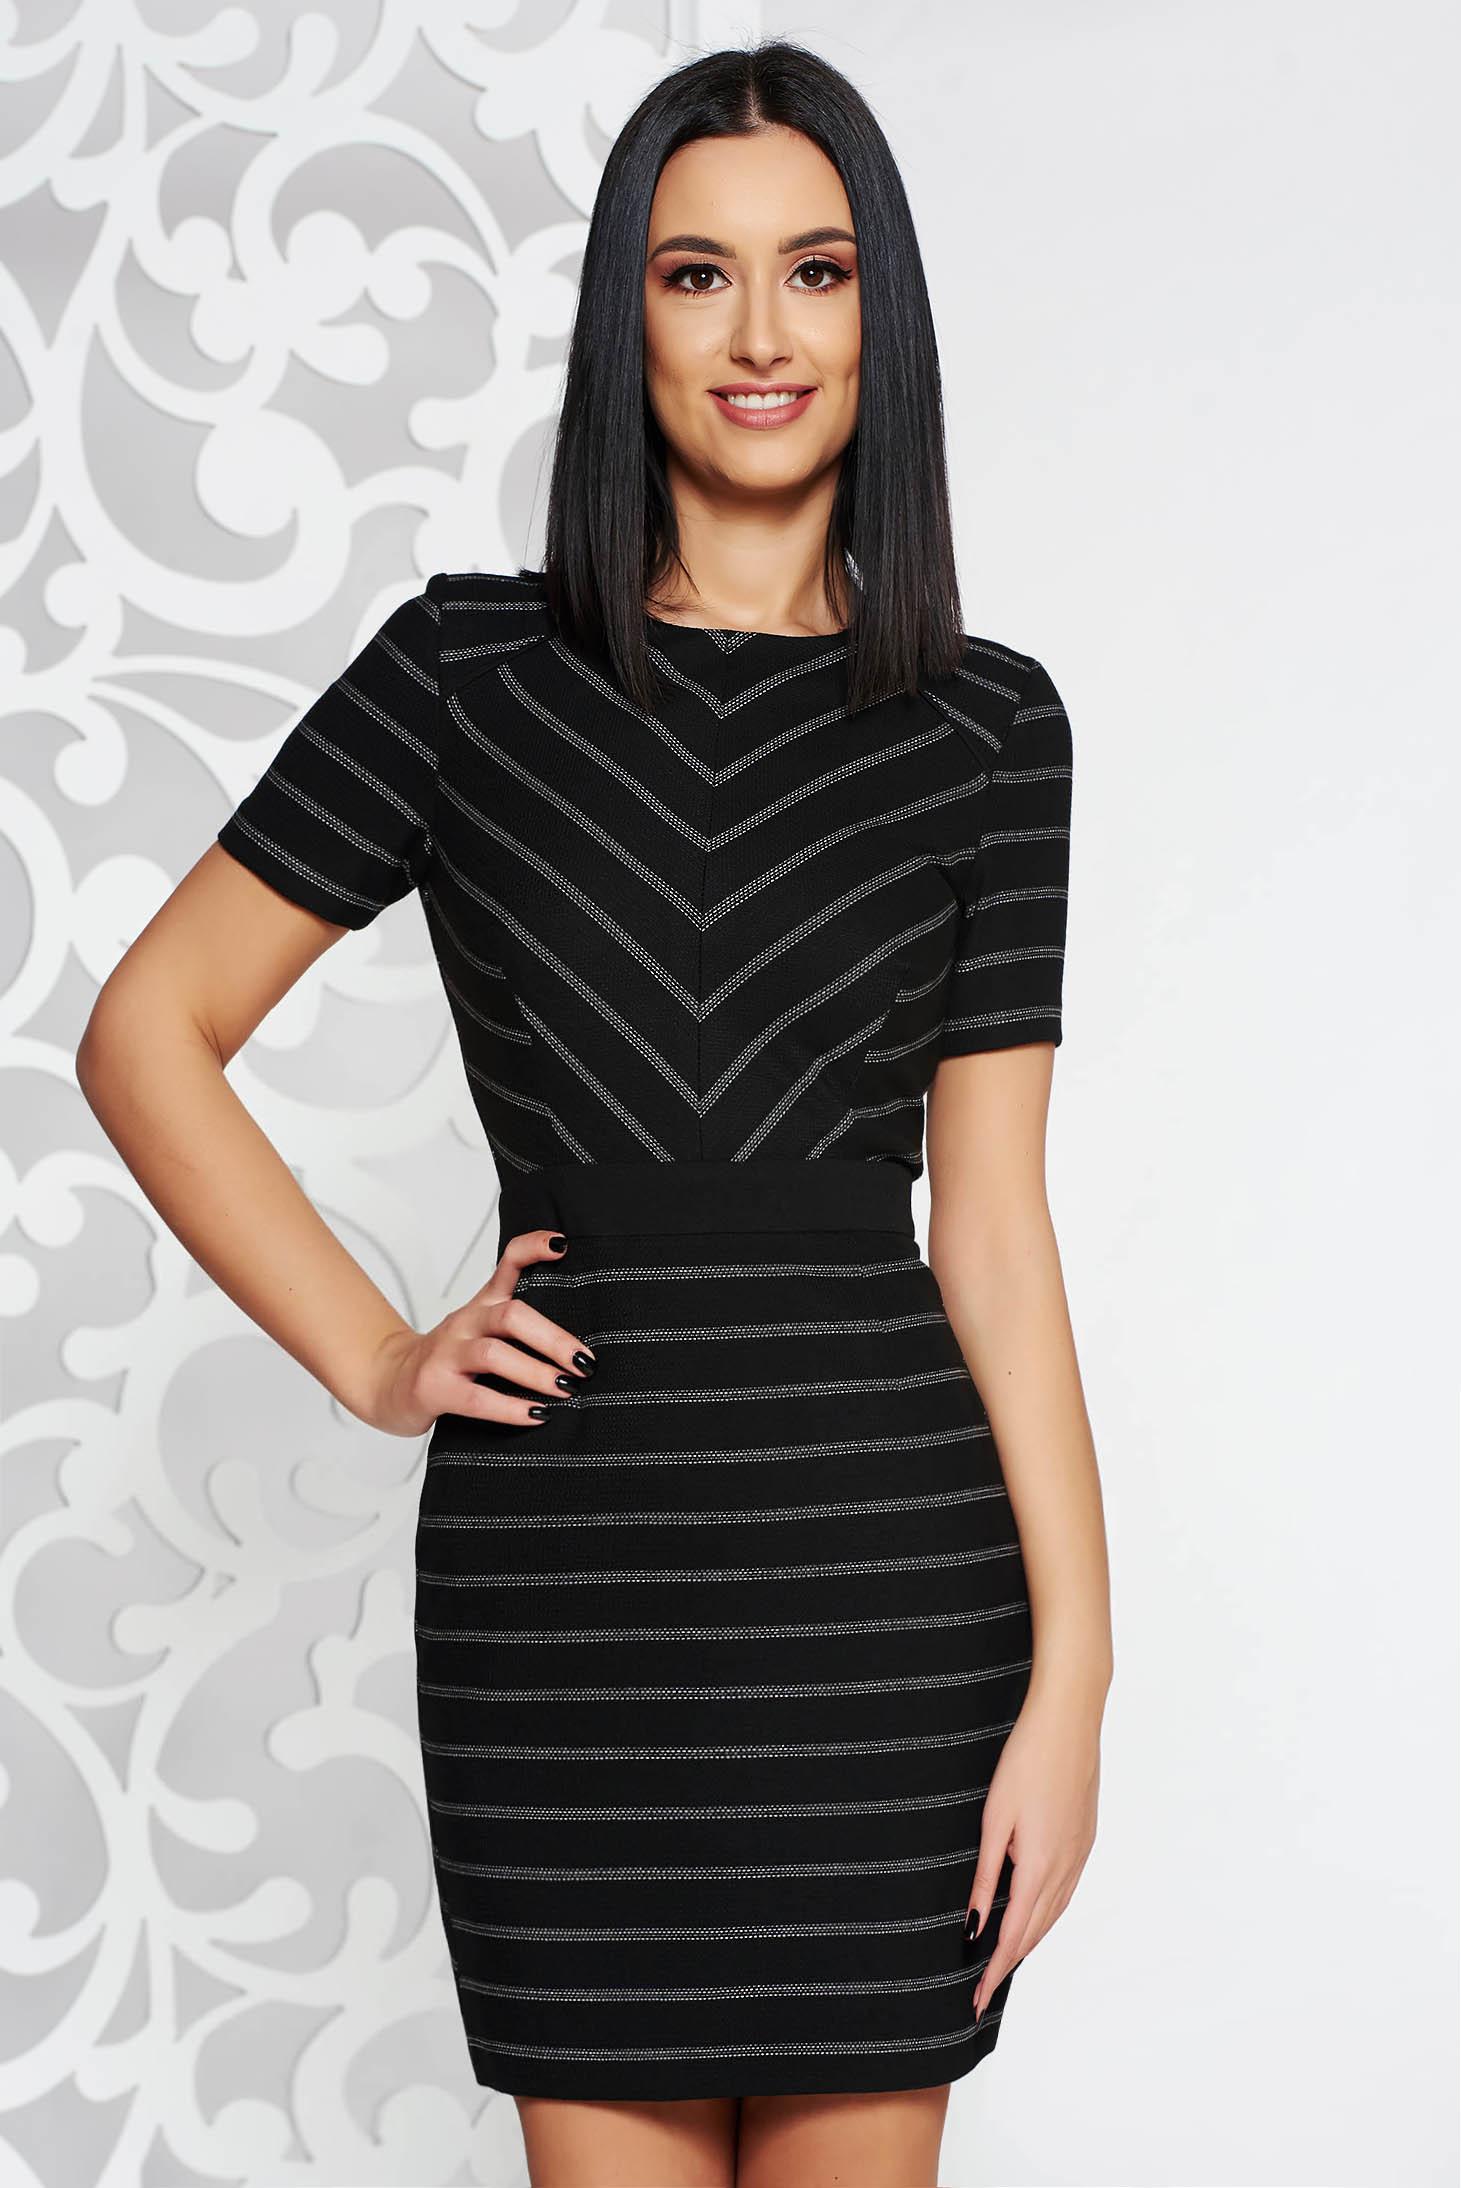 995e0c879a Fekete StarShinerS elegáns ruha rugalmatlan szövet belső béléssel deréktól  bővülő szabás rövid ujjú